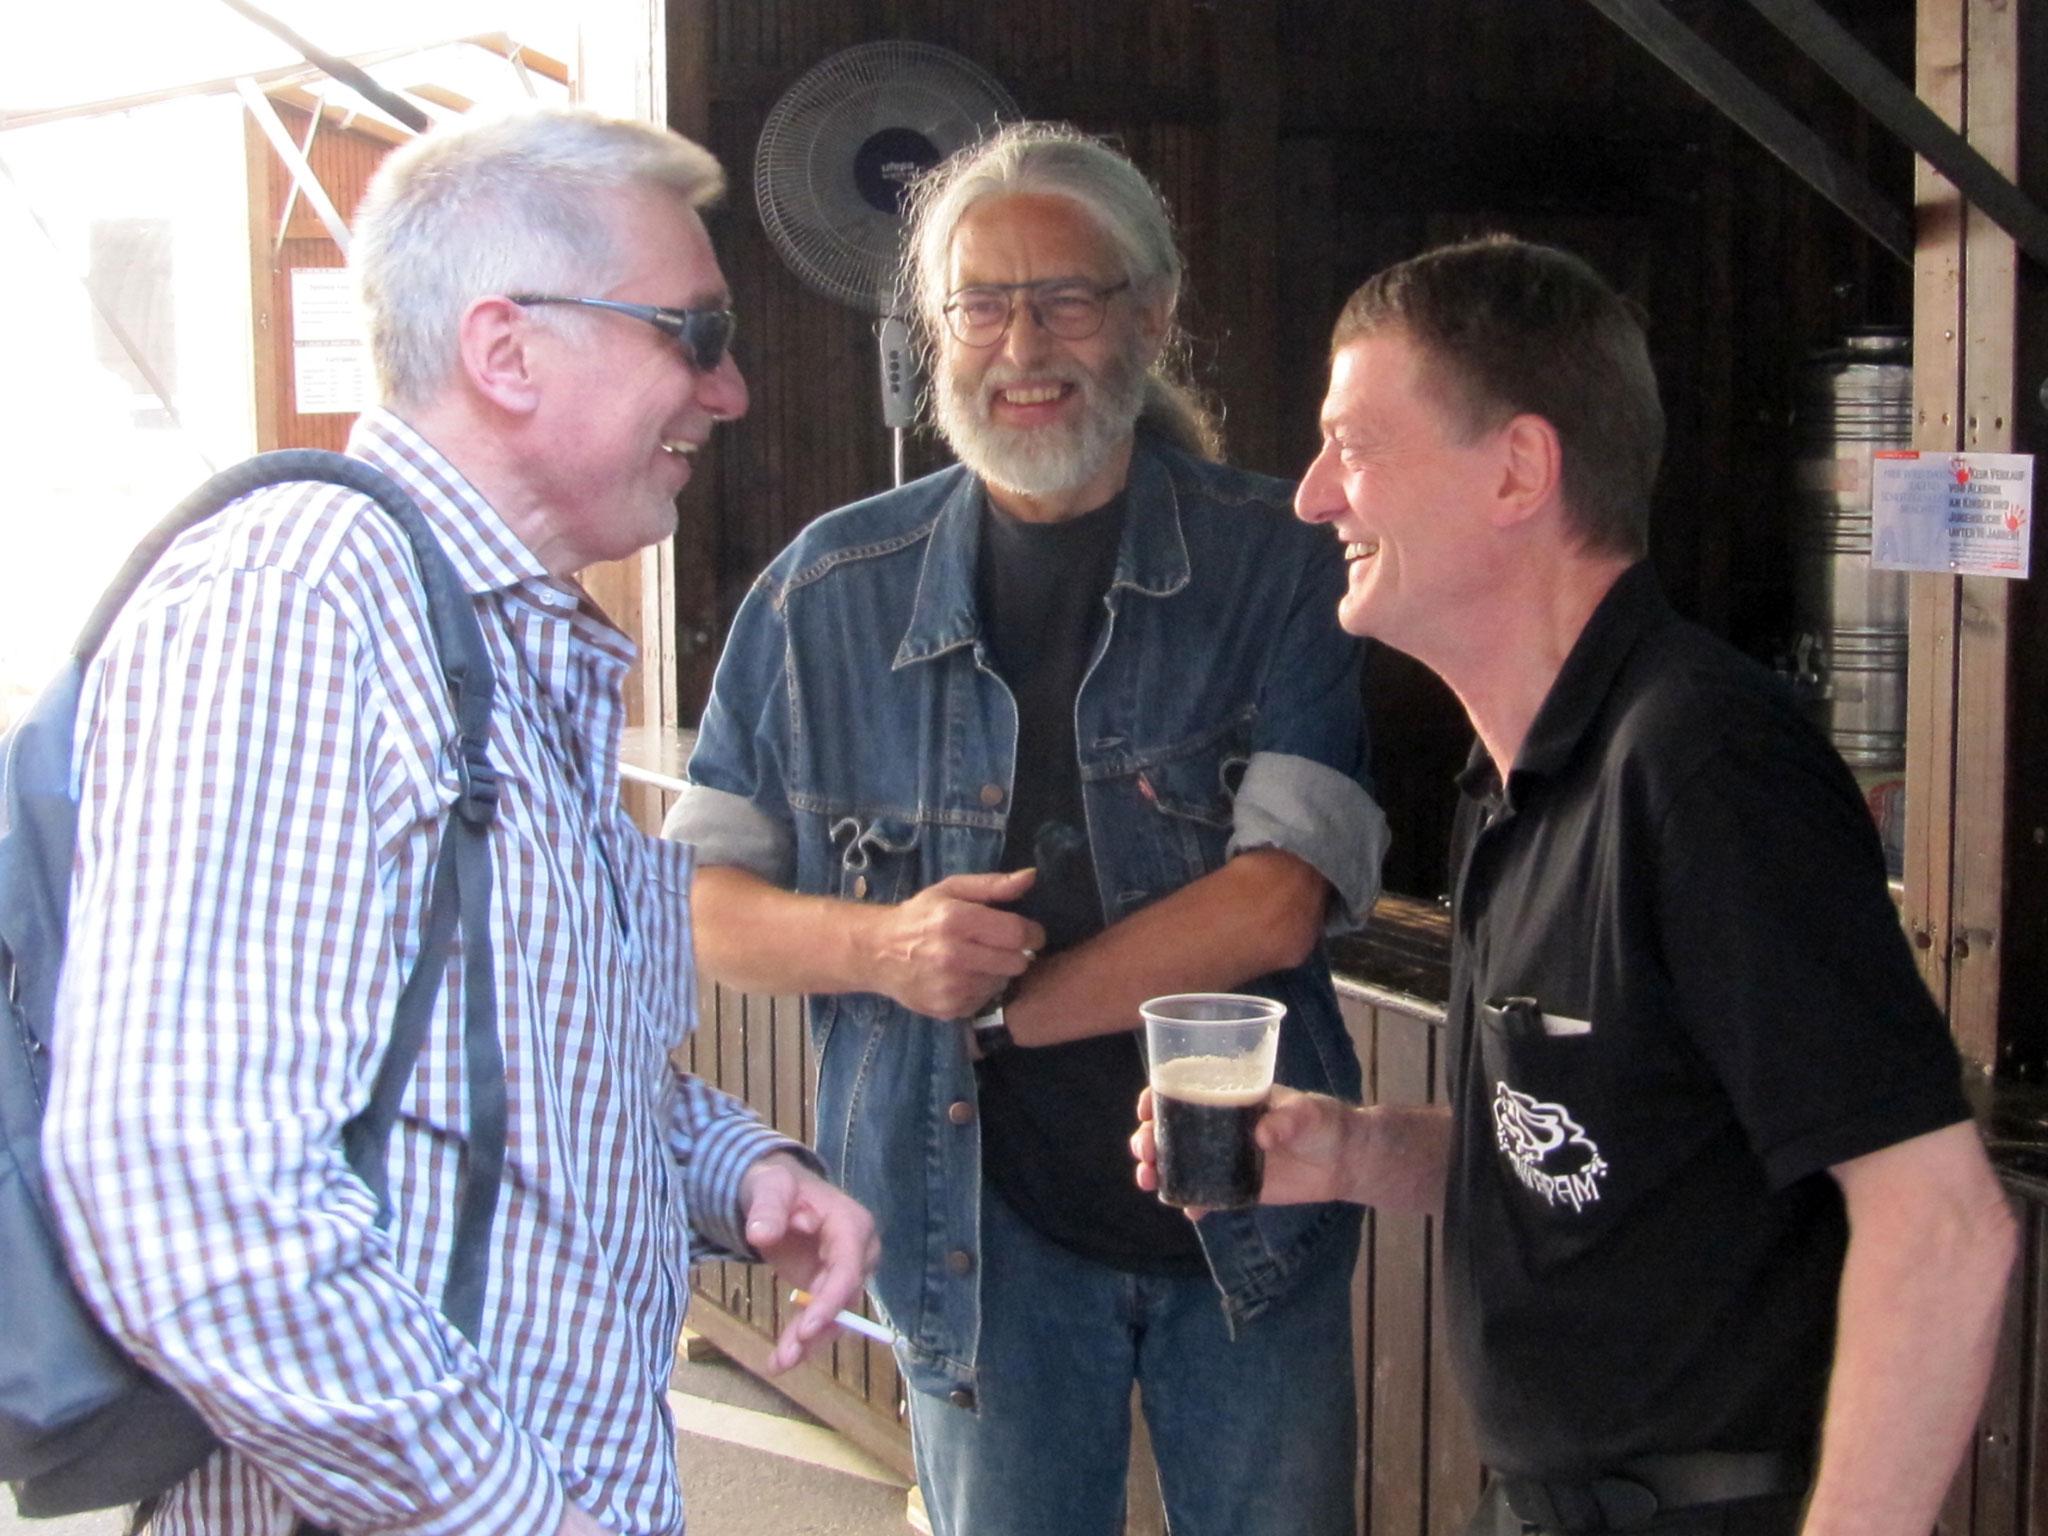 Konzerte im Bürgerhof 24.06.10 Gebhardt, Lightmaster, Sommitsch - Freiwilligen-Zentrum Augsburg - Foto: Rolf Schönberger